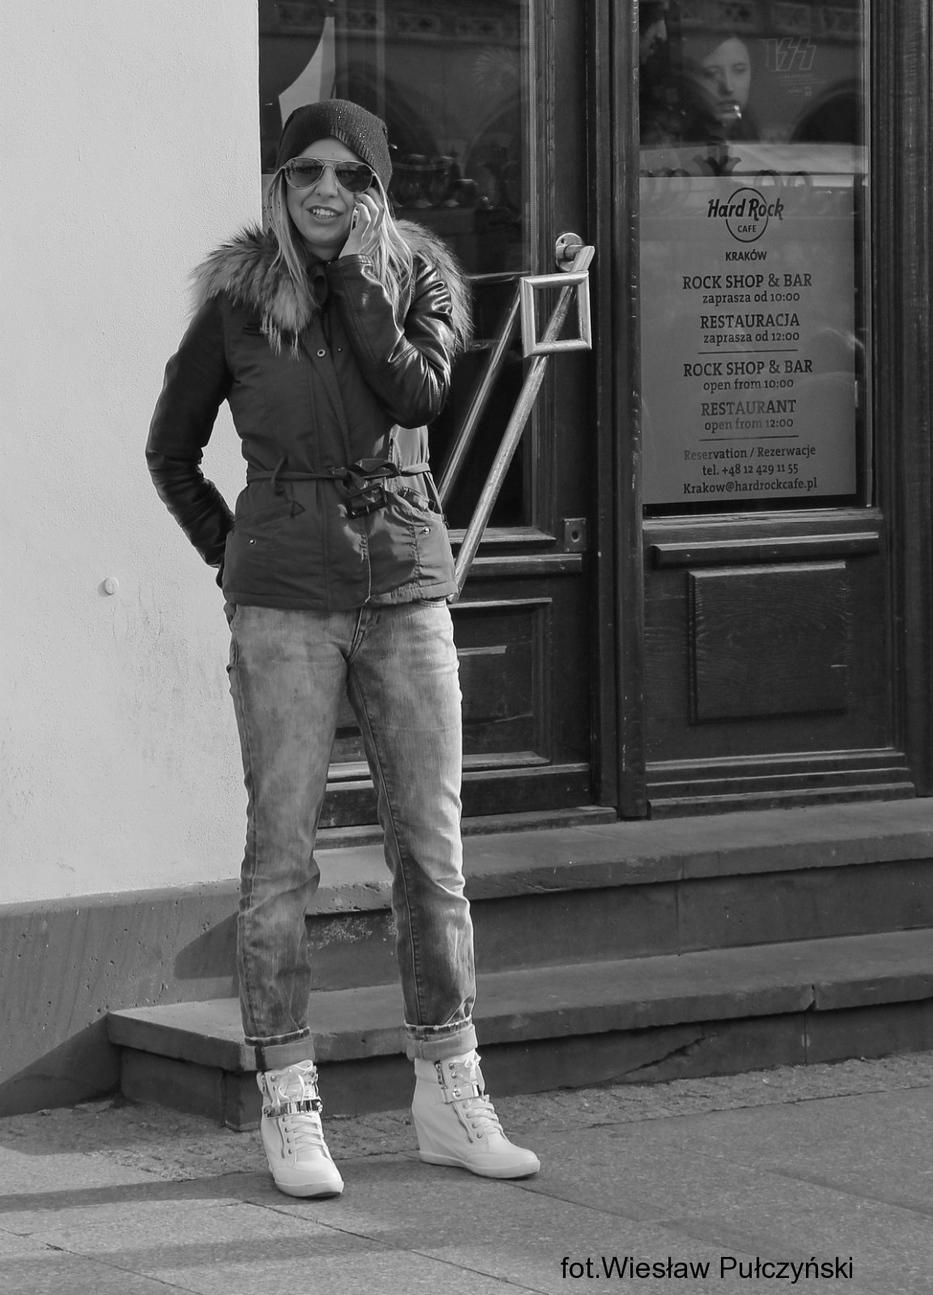 Kraków street photo....hard rockowo